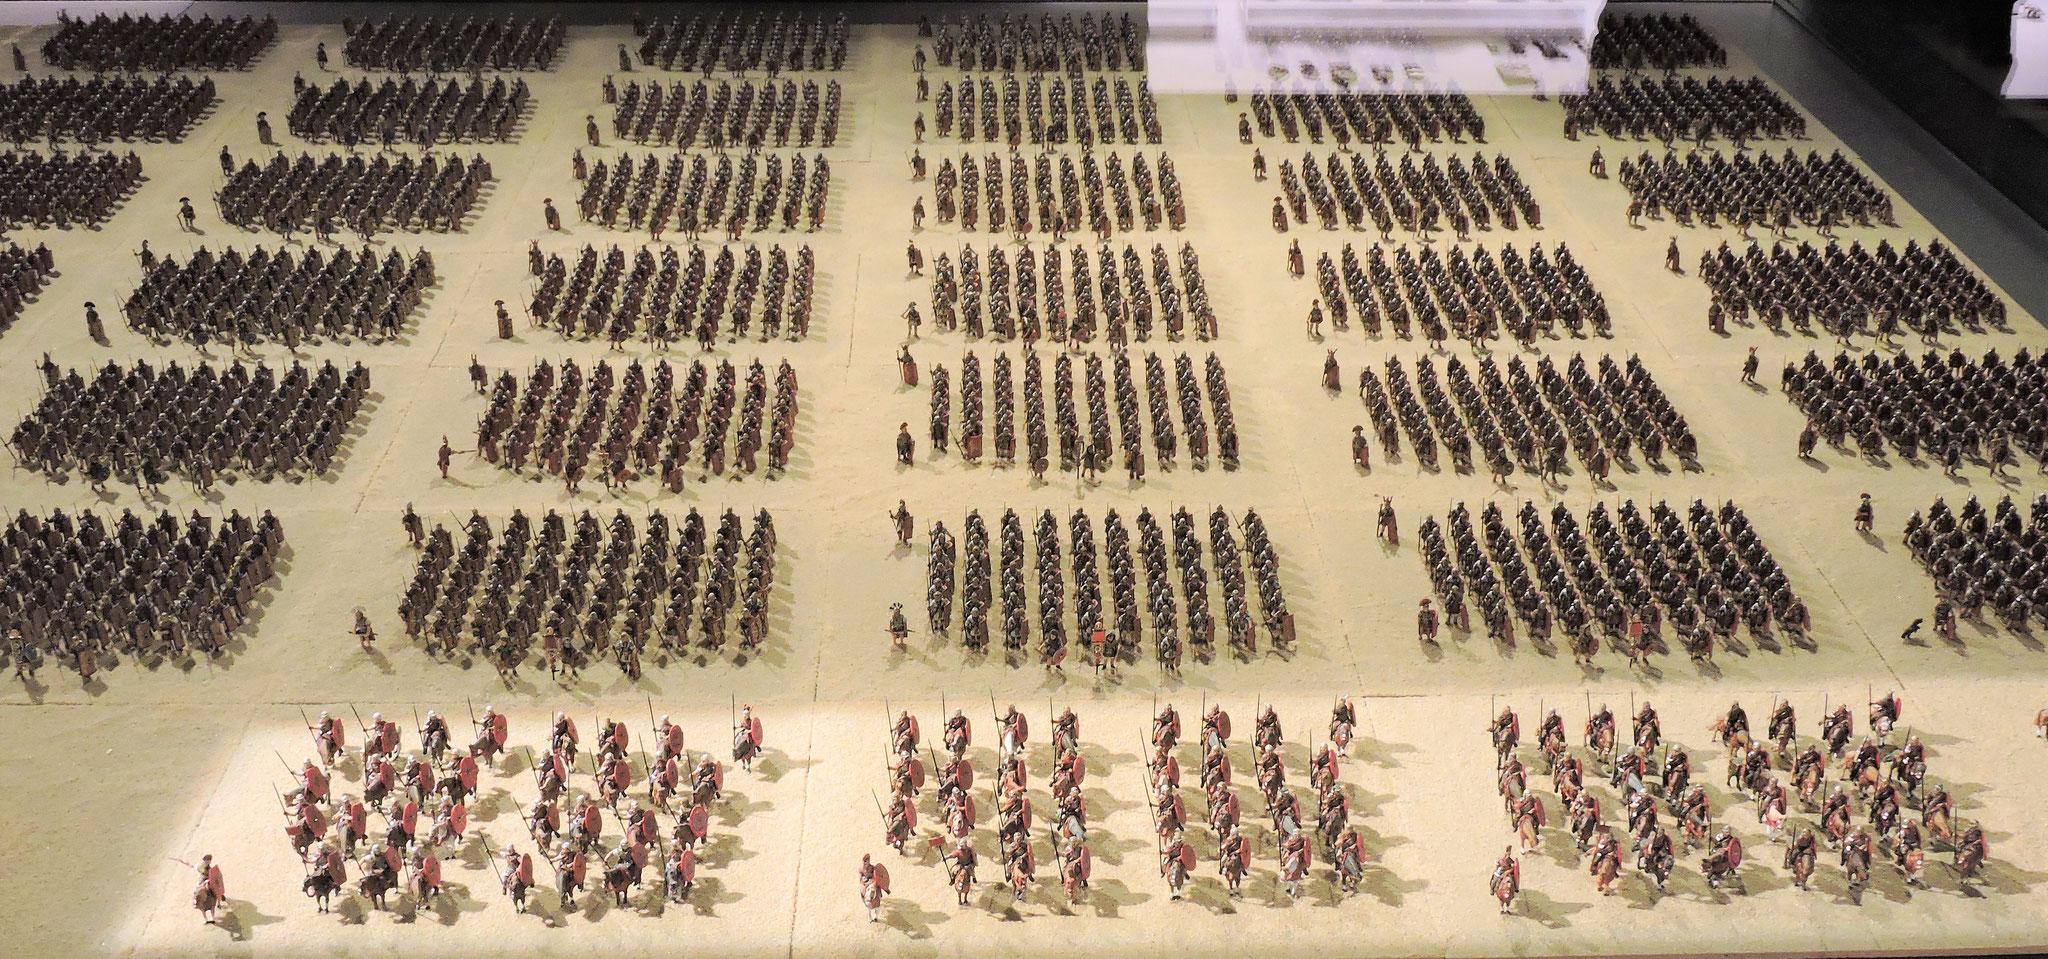 Eine Legion - 6000 Legionäre - aufgestellt nach Kohorten illustrieren die militärische Bedeutung von Lauriacum ©B. Bichler